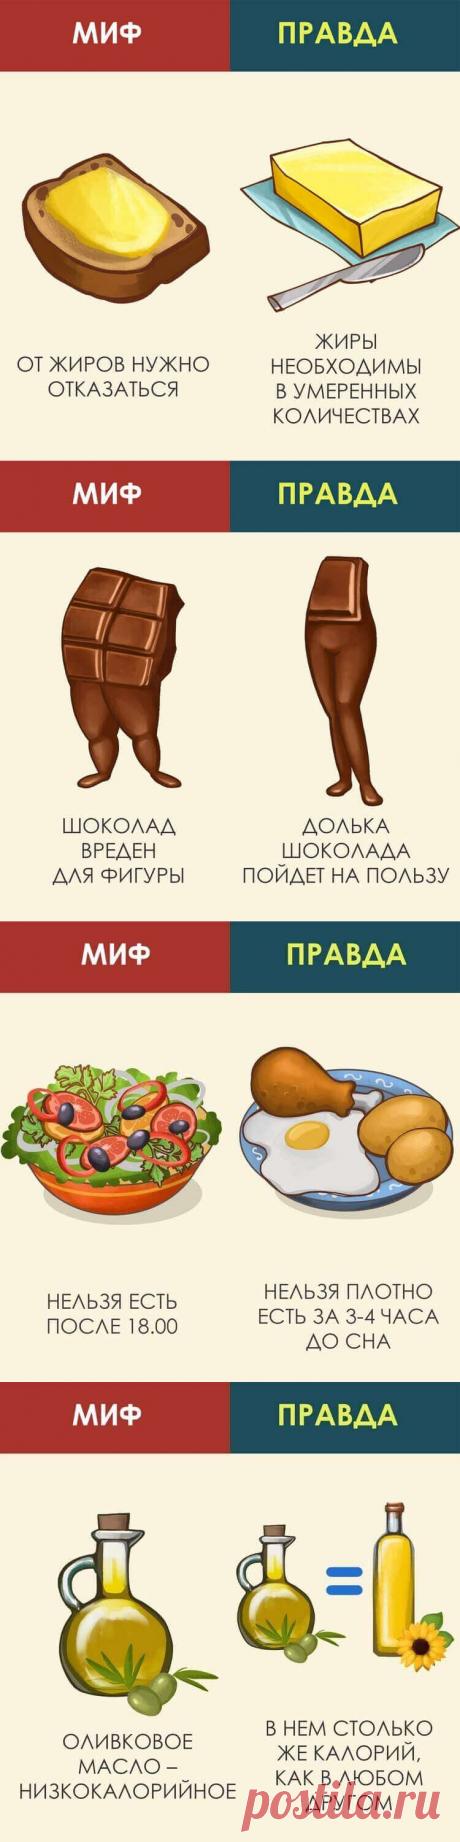 7 мифов о здоровом питании — Бабушкины секреты